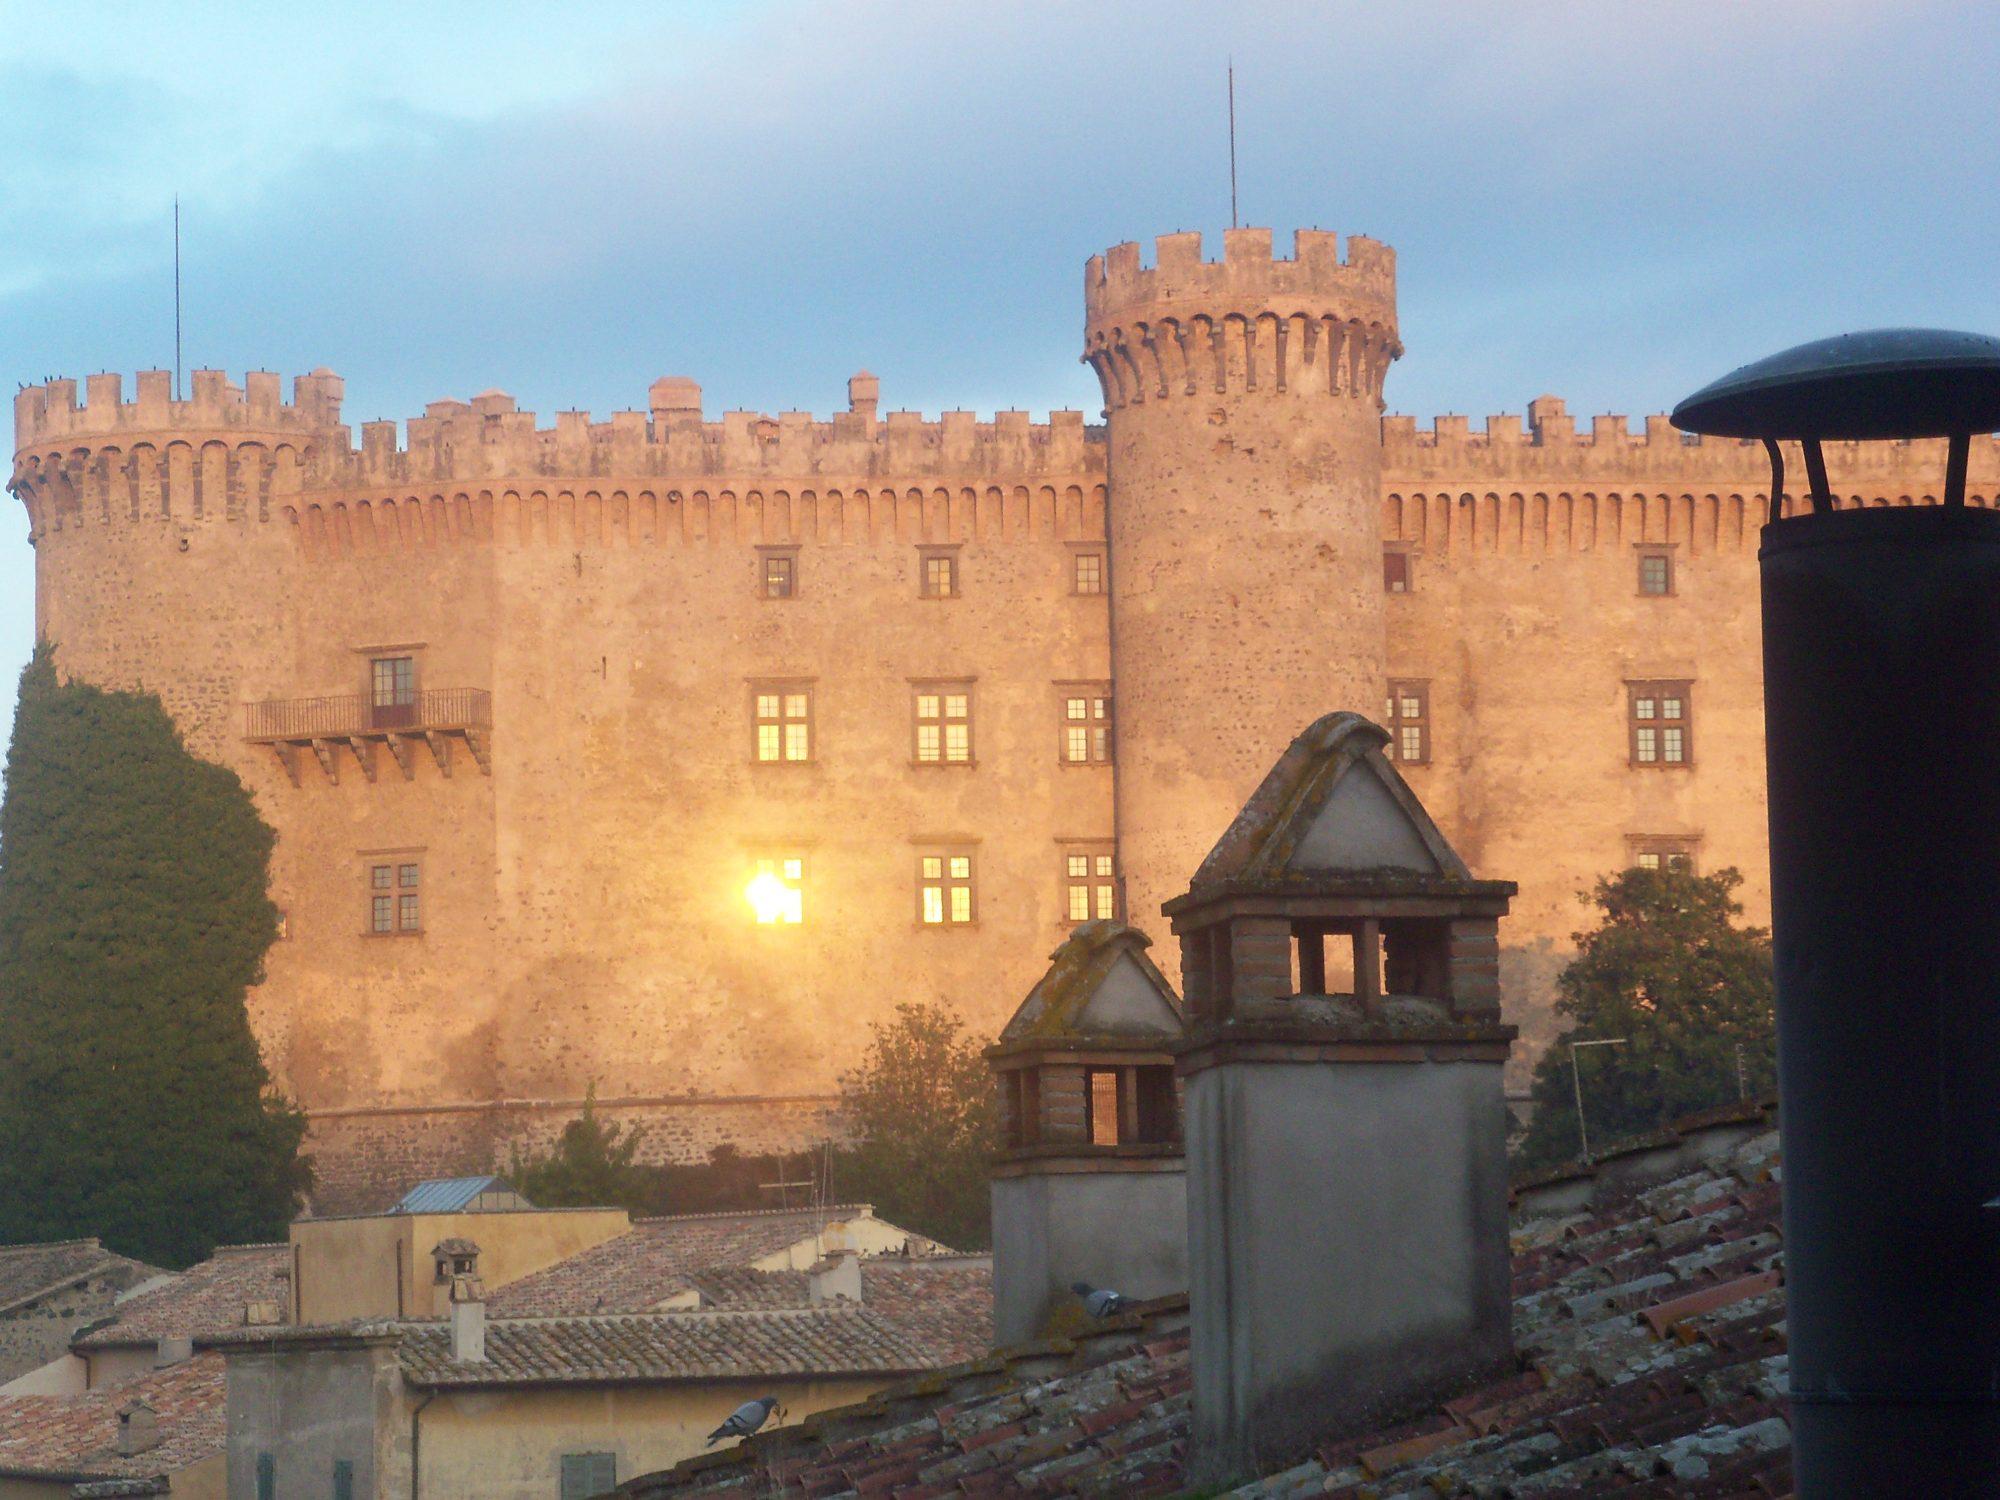 Bracciano tassa i turisti: dal 1° luglio 1 euro al giorno con la nuova imposta di soggiorno